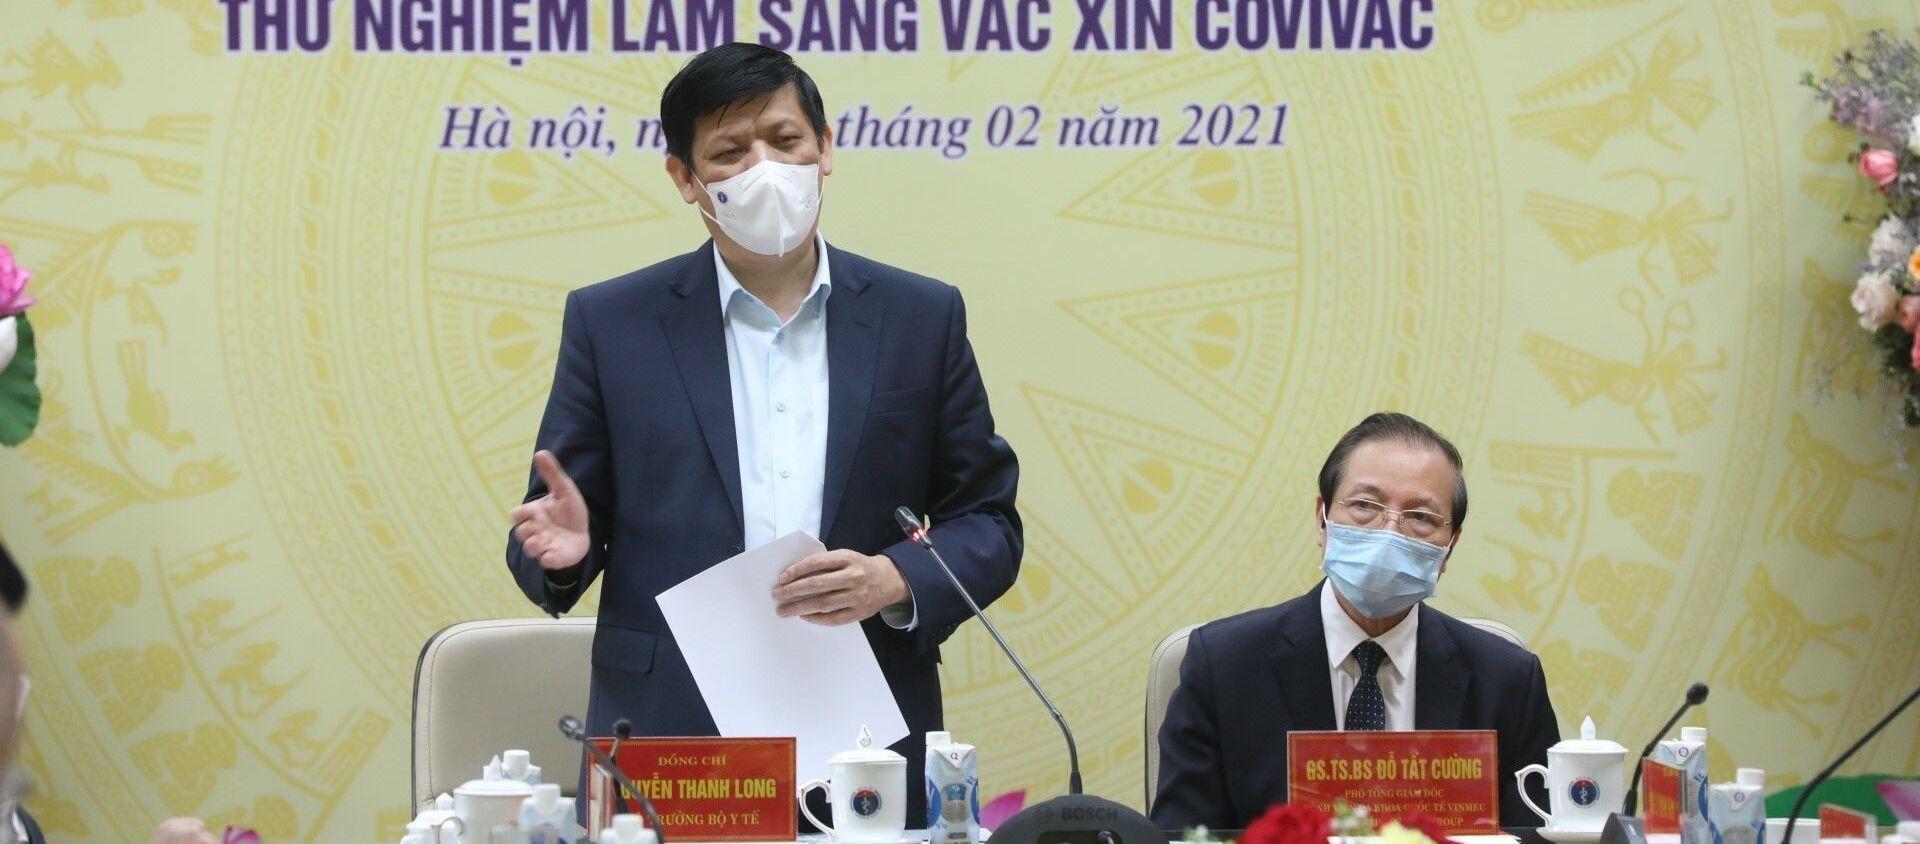 Bộ trưởng Bộ Y tế Nguyễn Thanh Long phát biểu - Sputnik Việt Nam, 1920, 27.02.2021